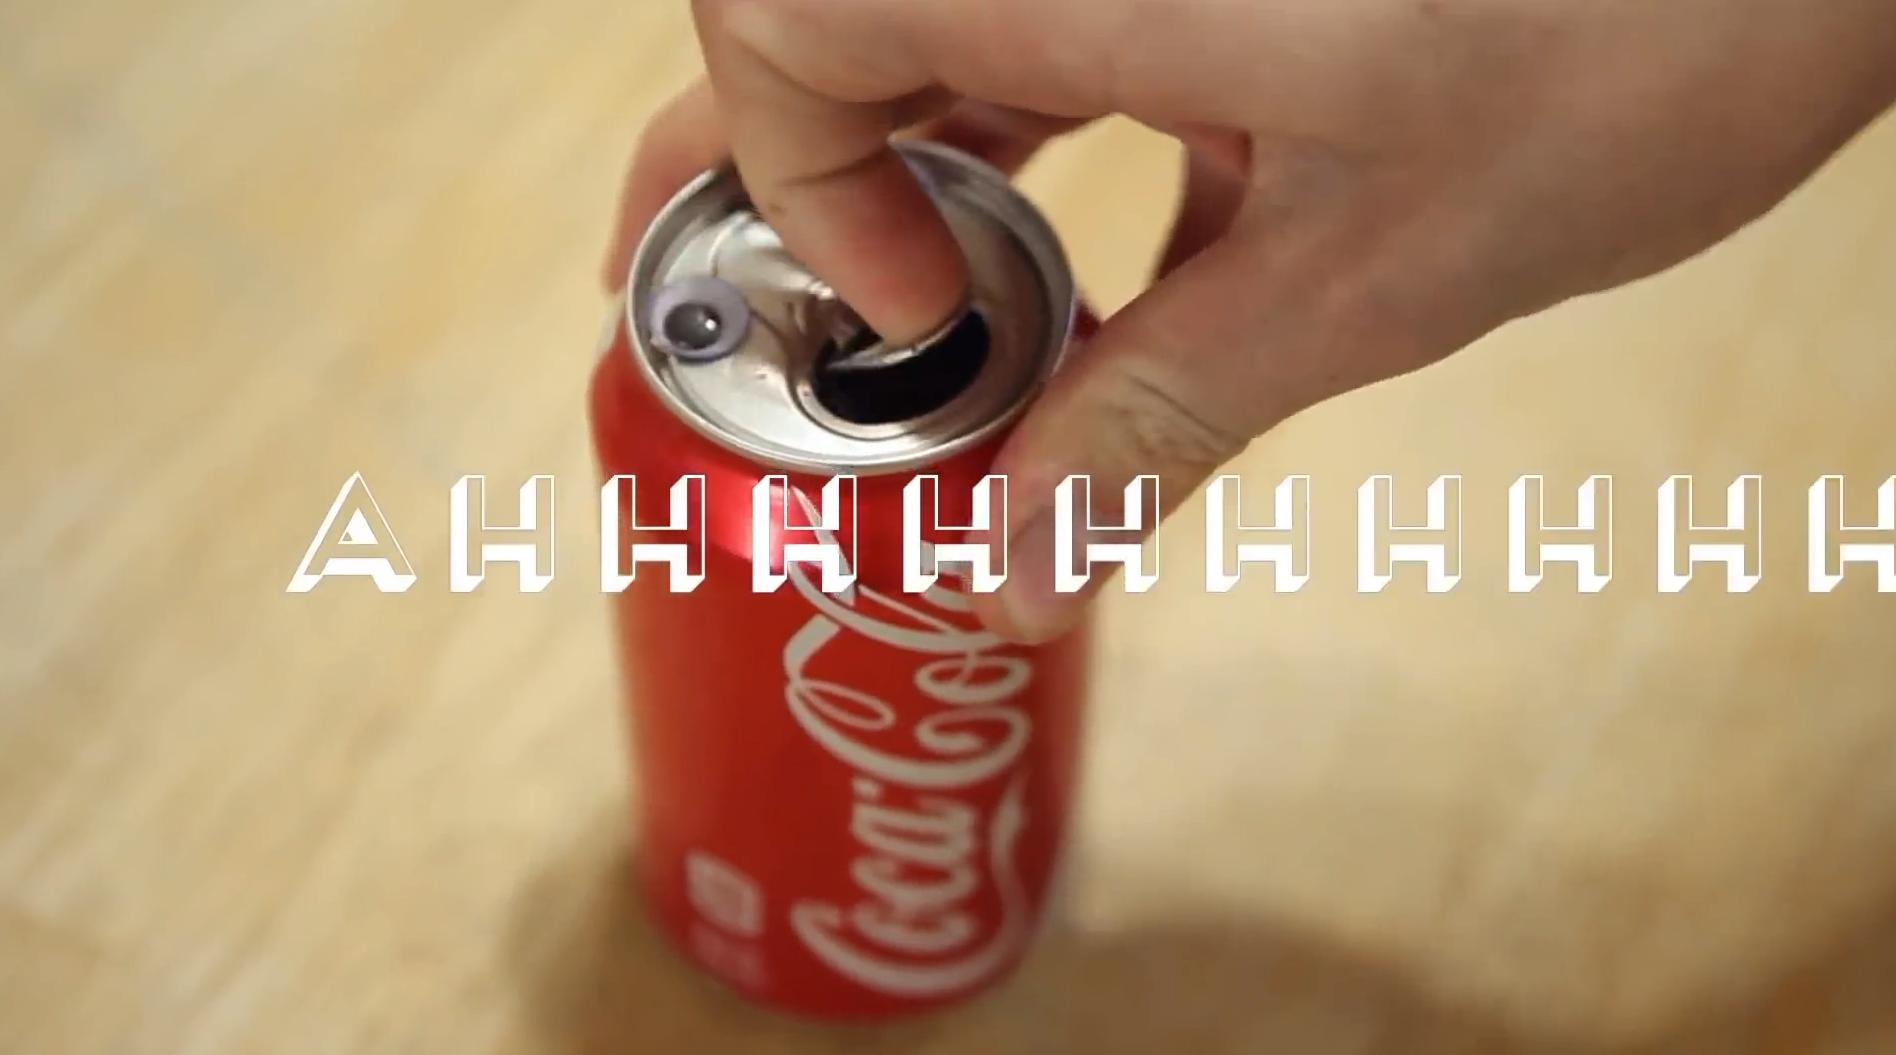 coca cola ahh cov